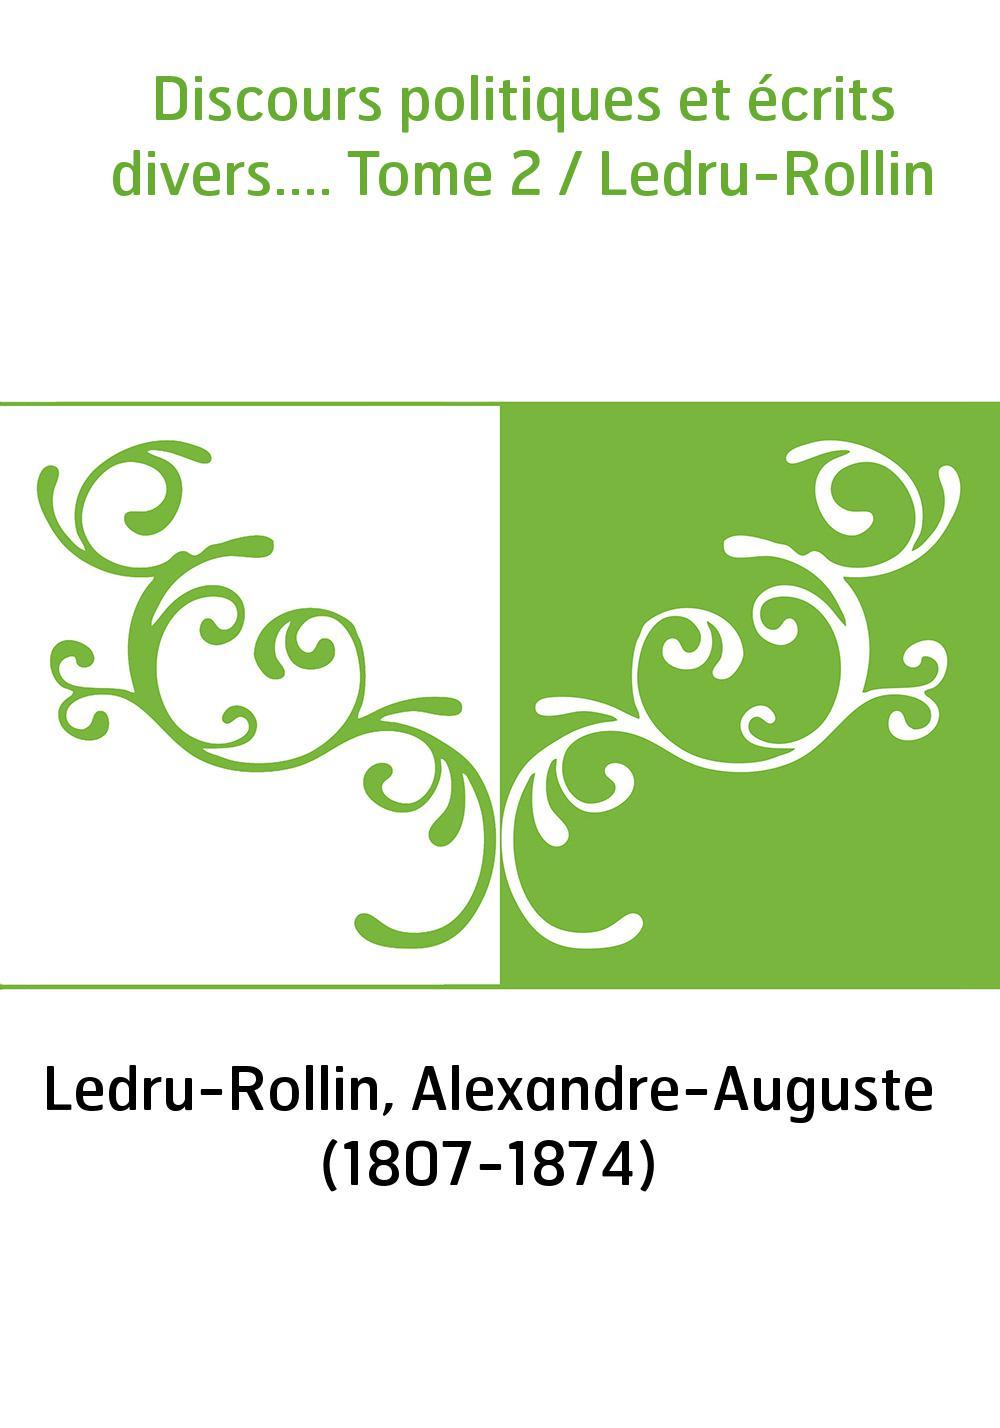 Discours politiques et écrits divers.... Tome 2 / Ledru-Rollin